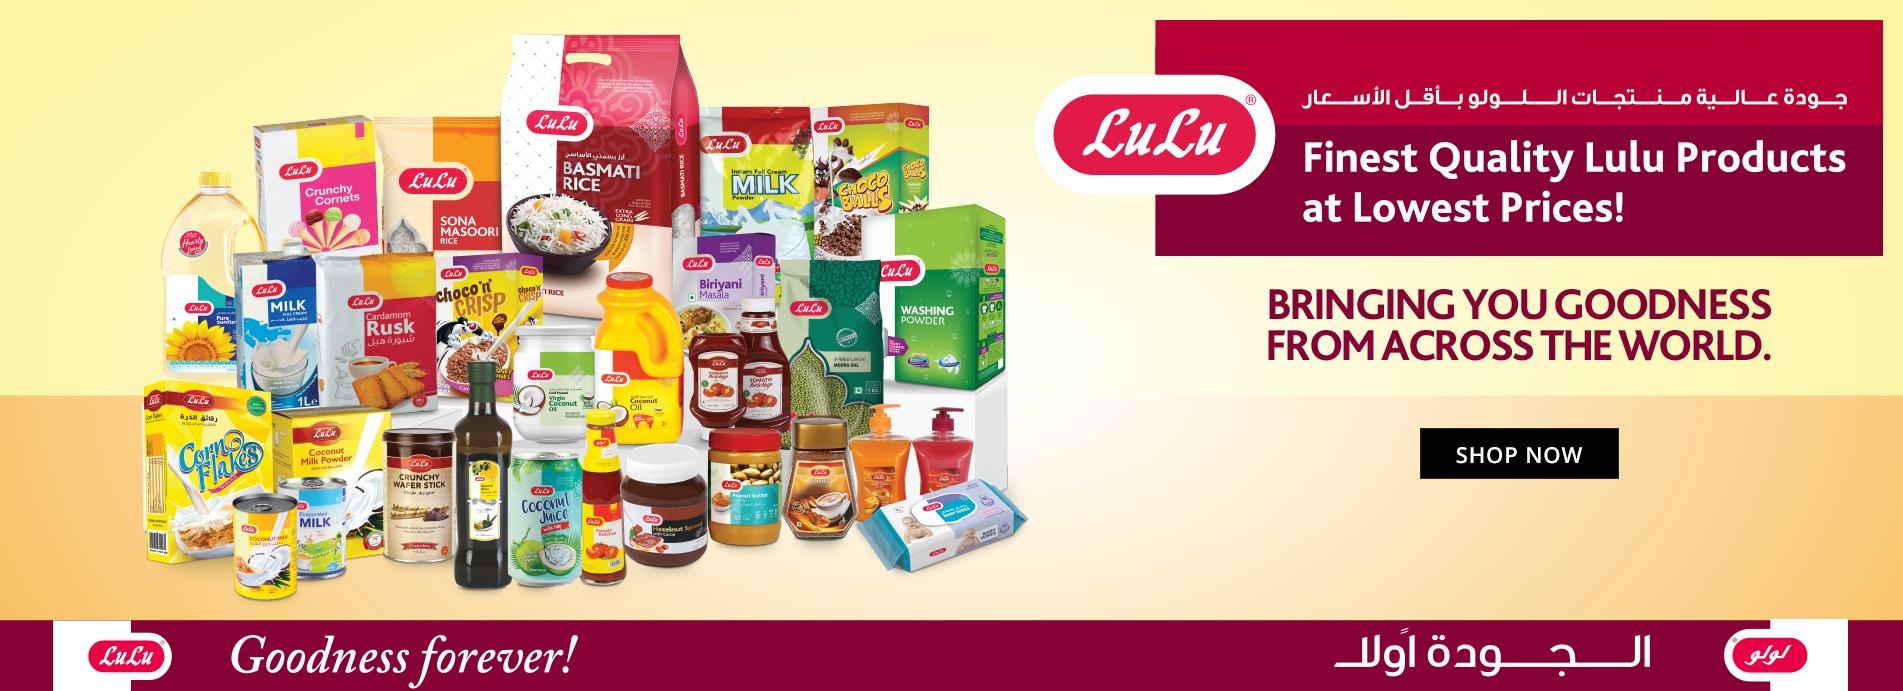 LuLu Hypermarket Kuwait: Best deals & offers on Groceries